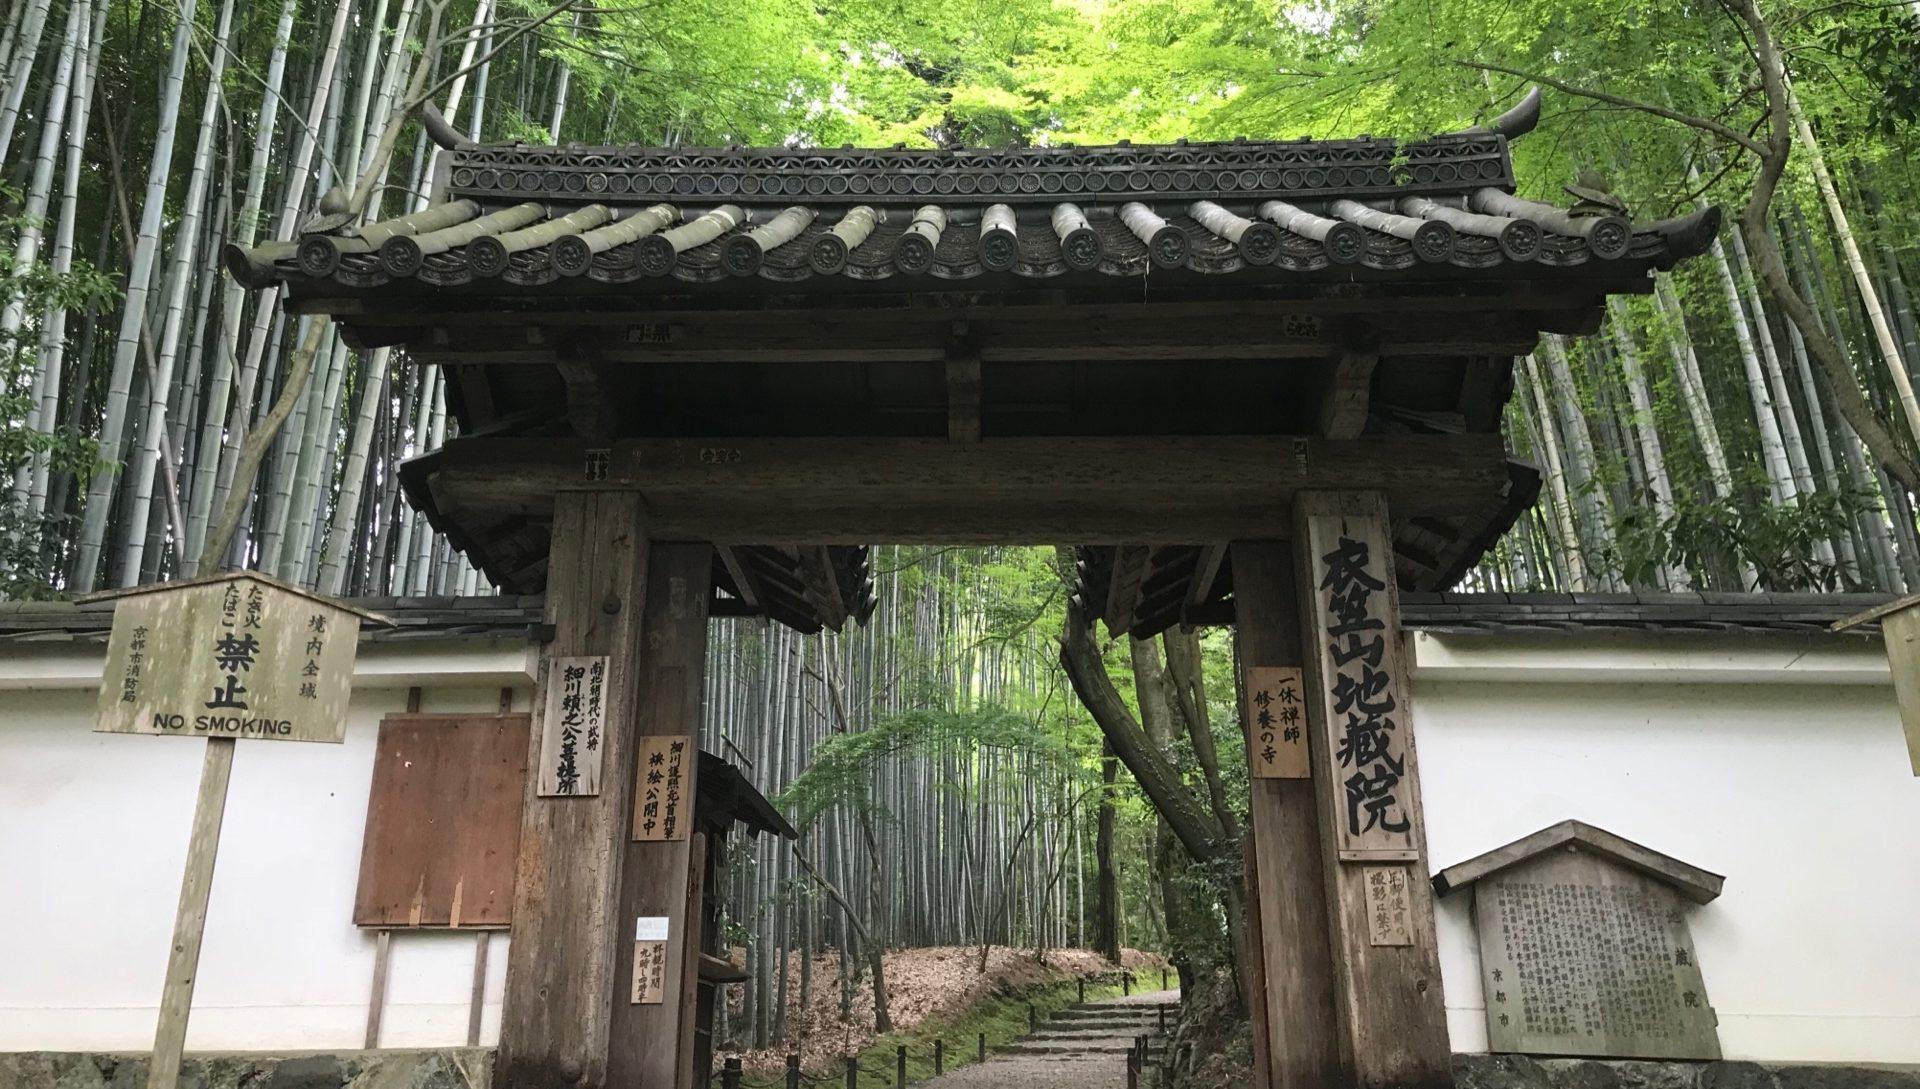 生い茂る竹が魅力!【竹の寺 地蔵院】